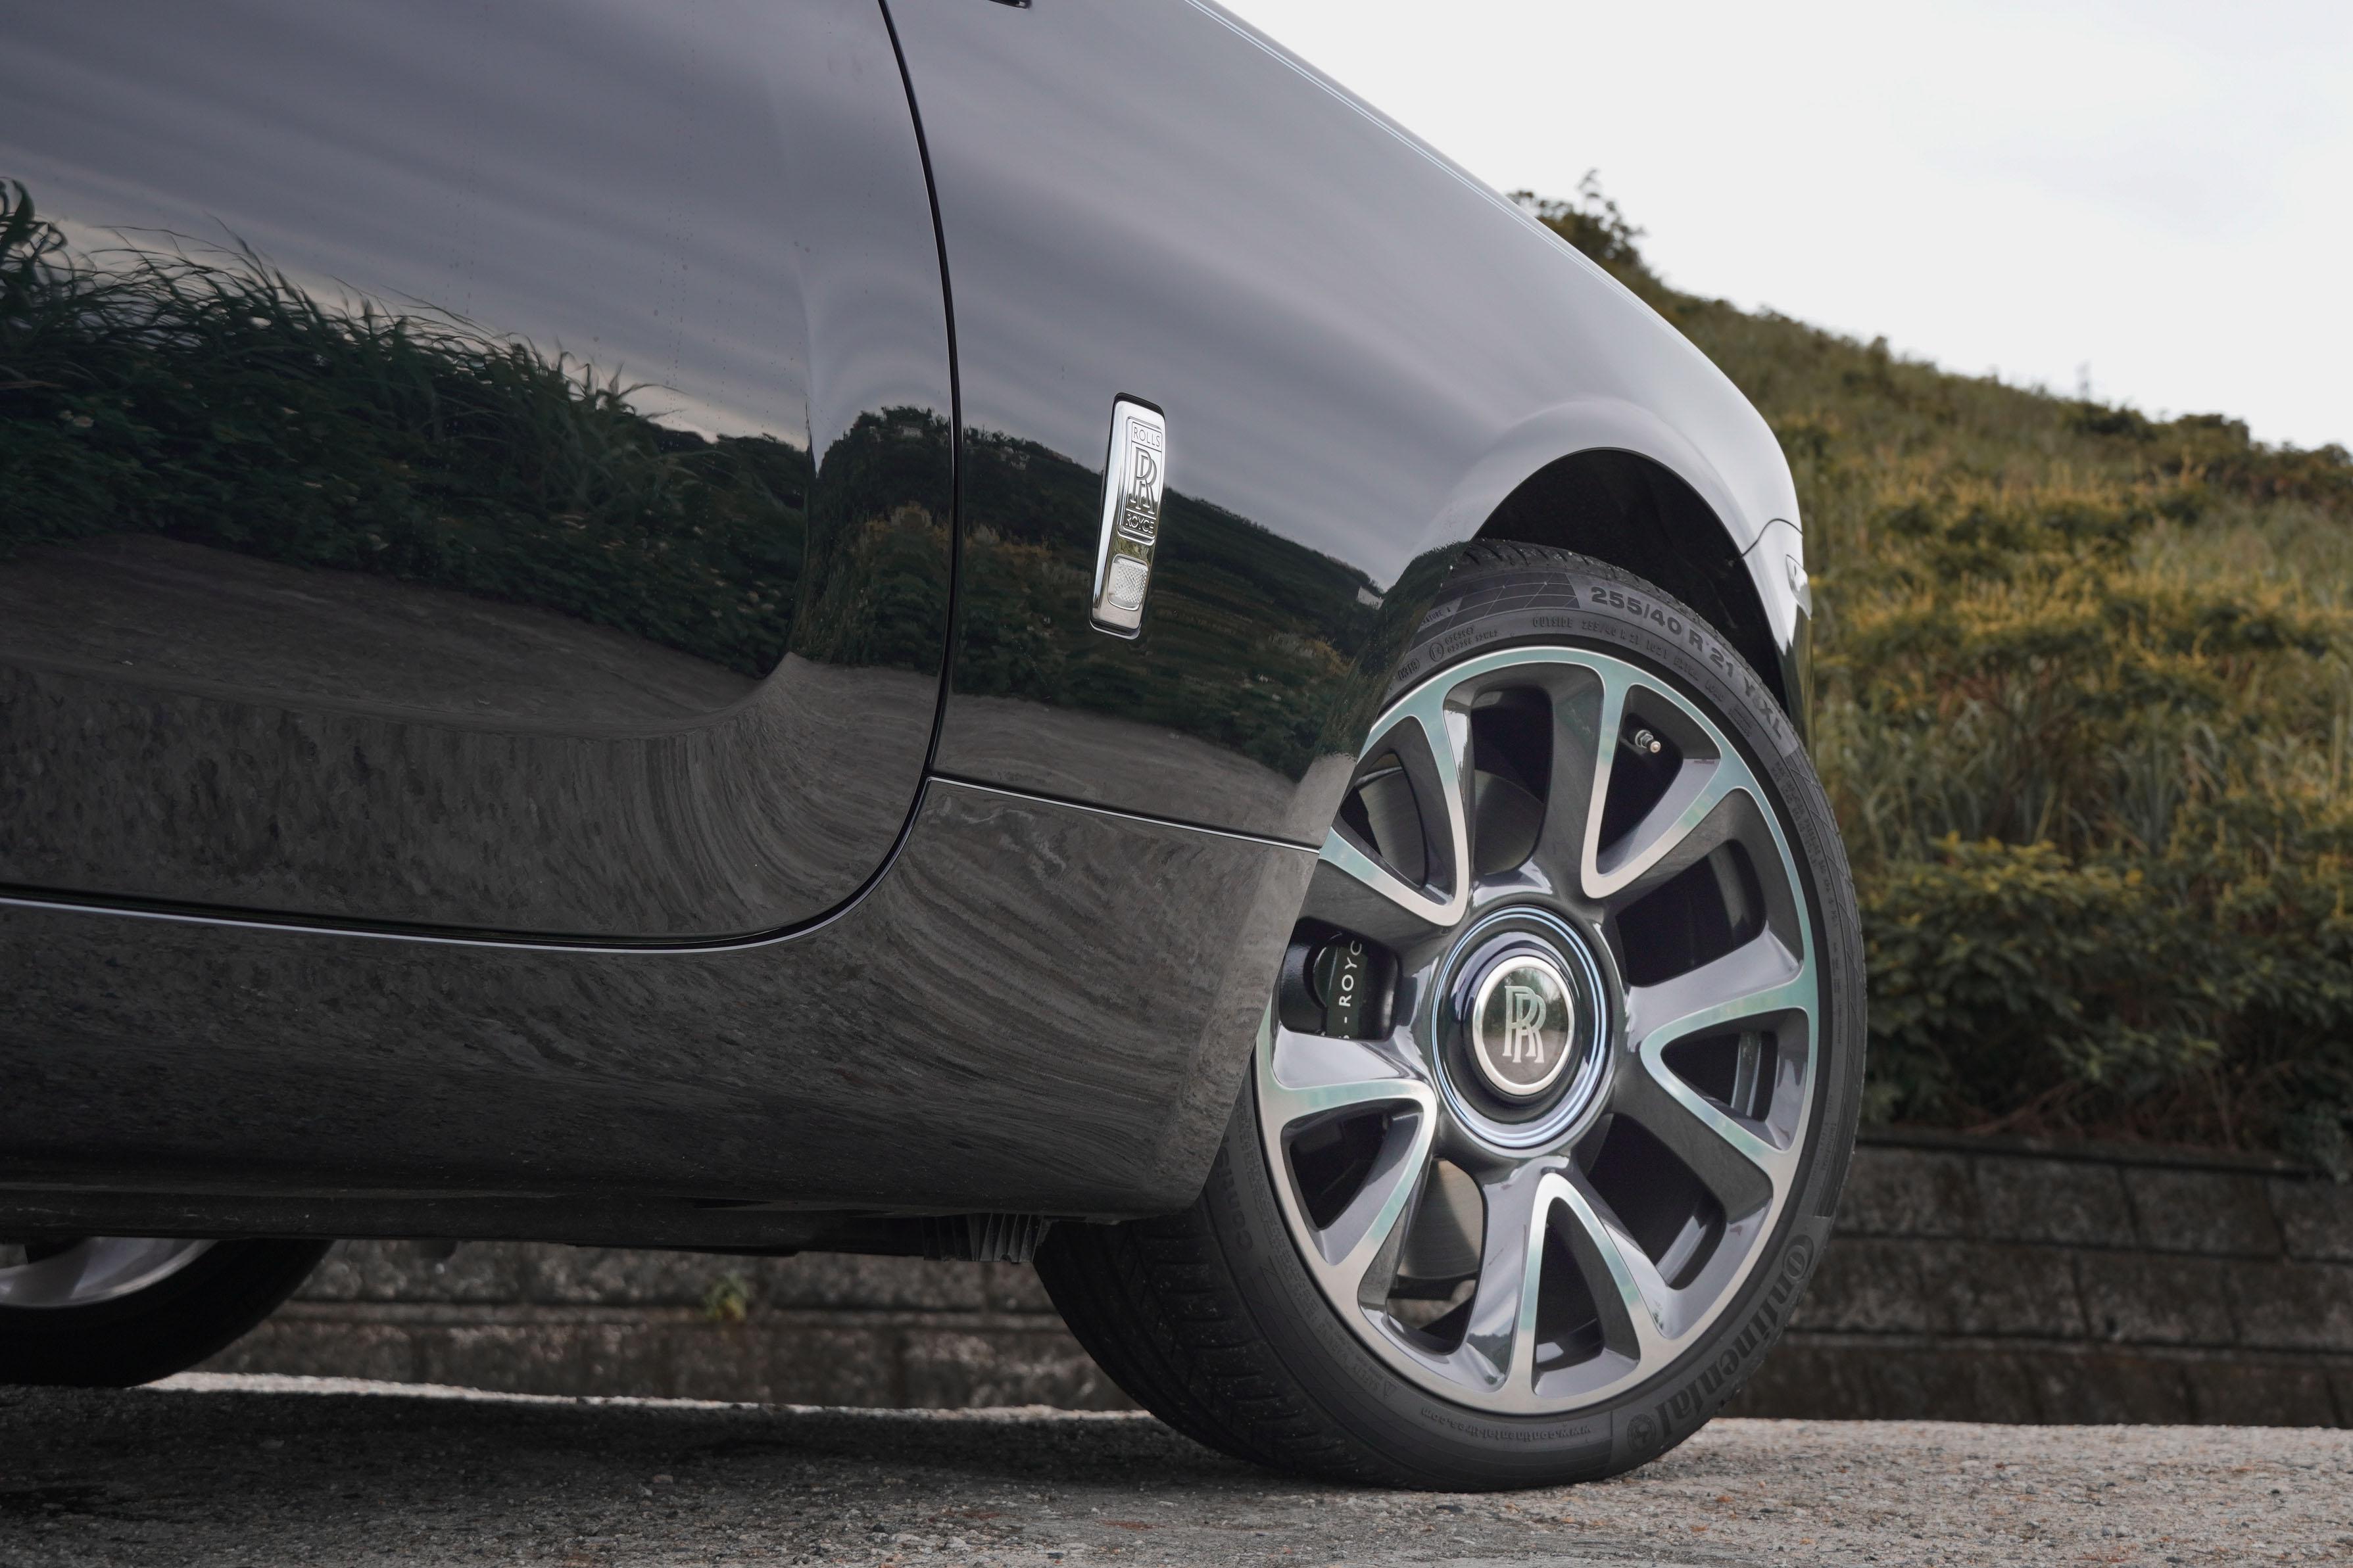 21 吋輪圈中央為 Rolls-Royce 獨特的懸浮式輪轂蓋。